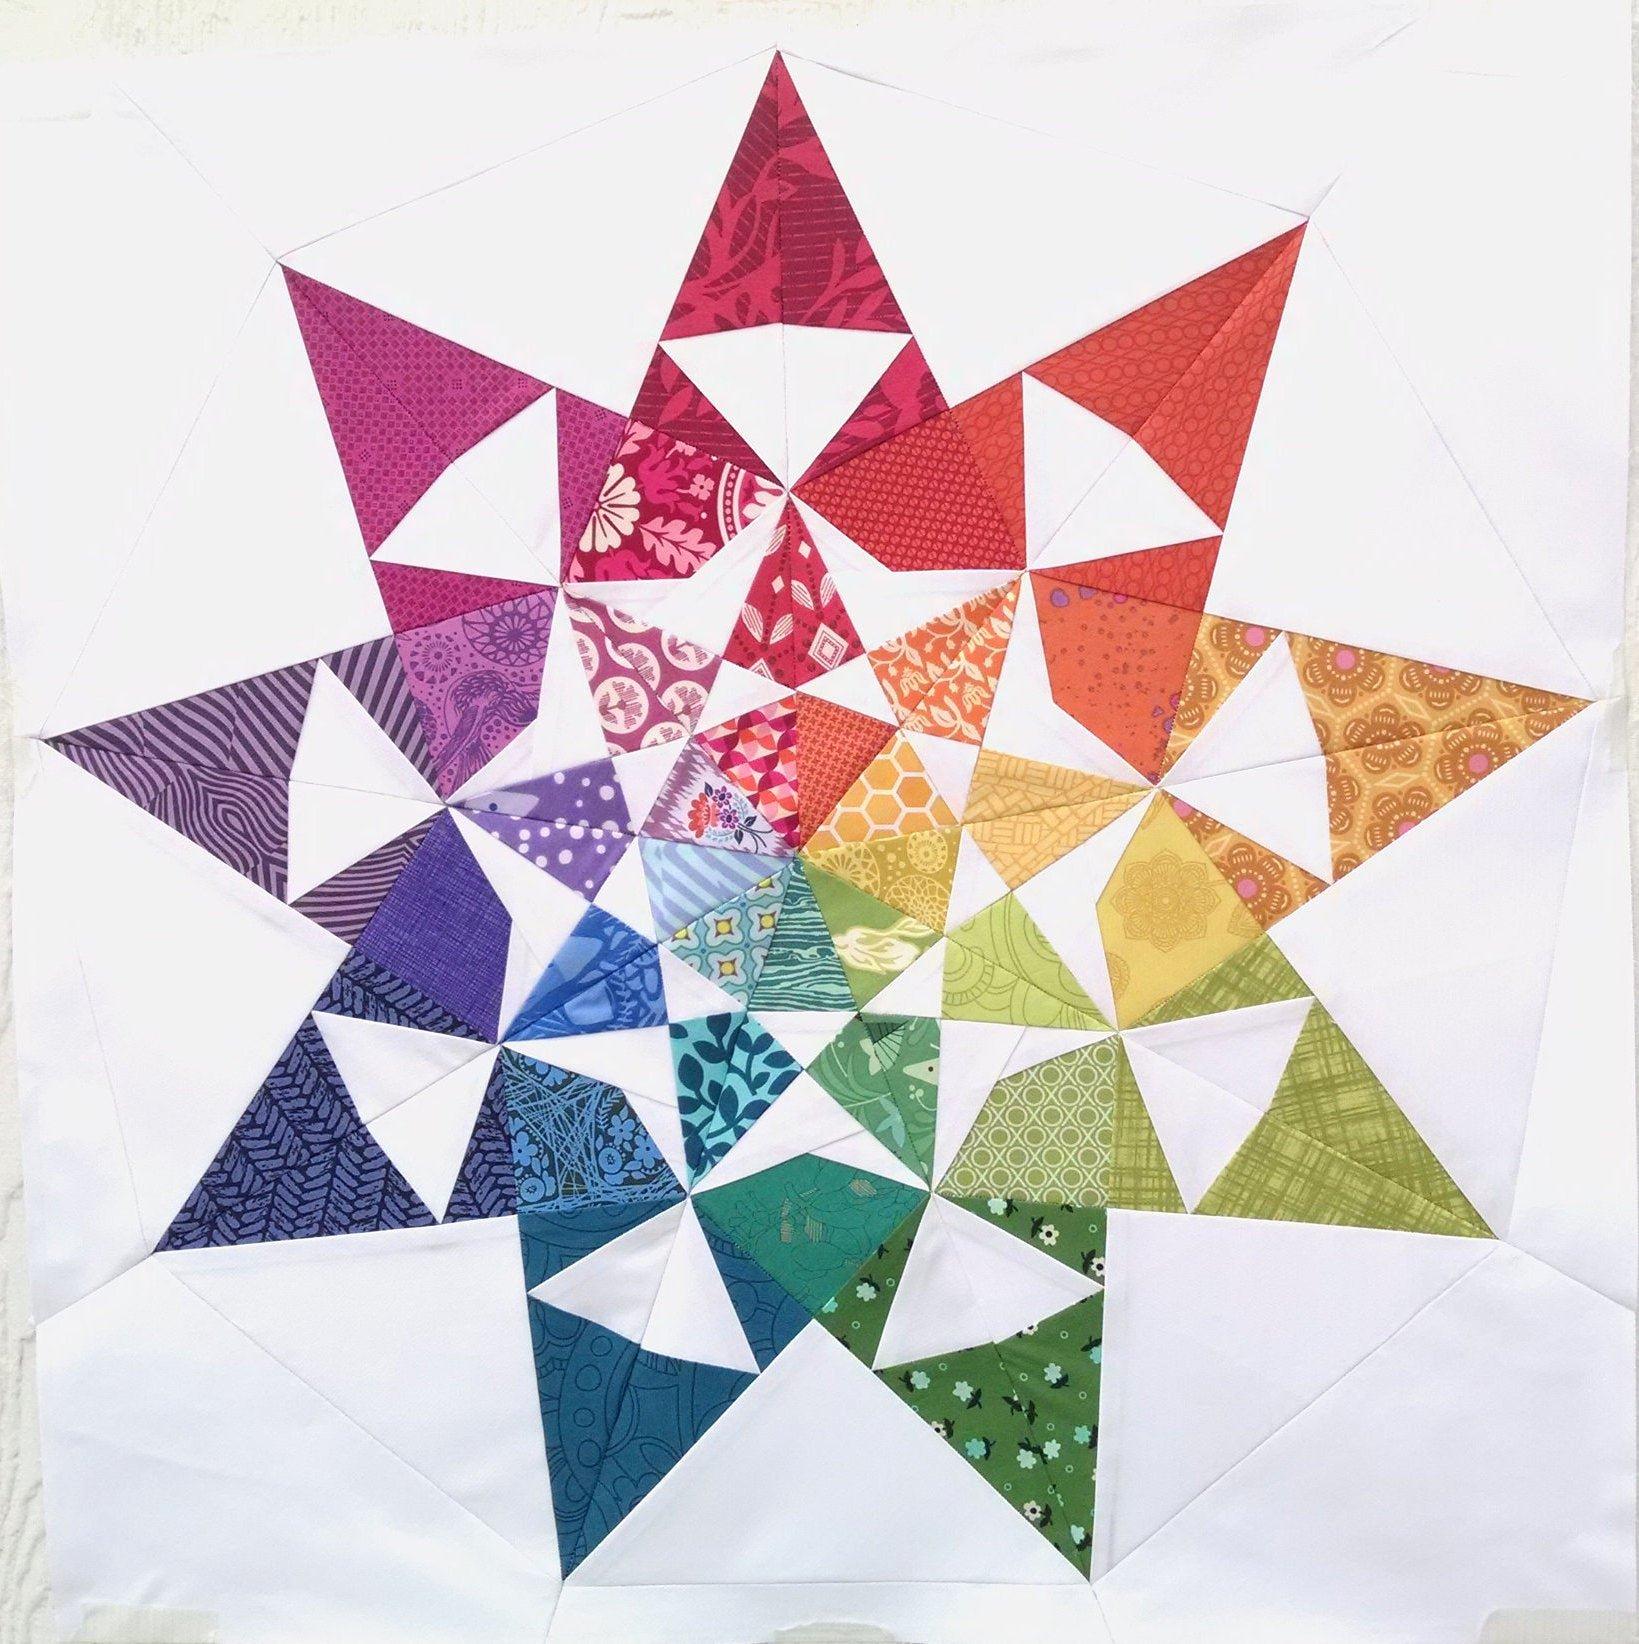 2 Inch Star Luxury 2 Sizes 18 Inch & 24 Inch Modern Star Quilt Pattern Dusk